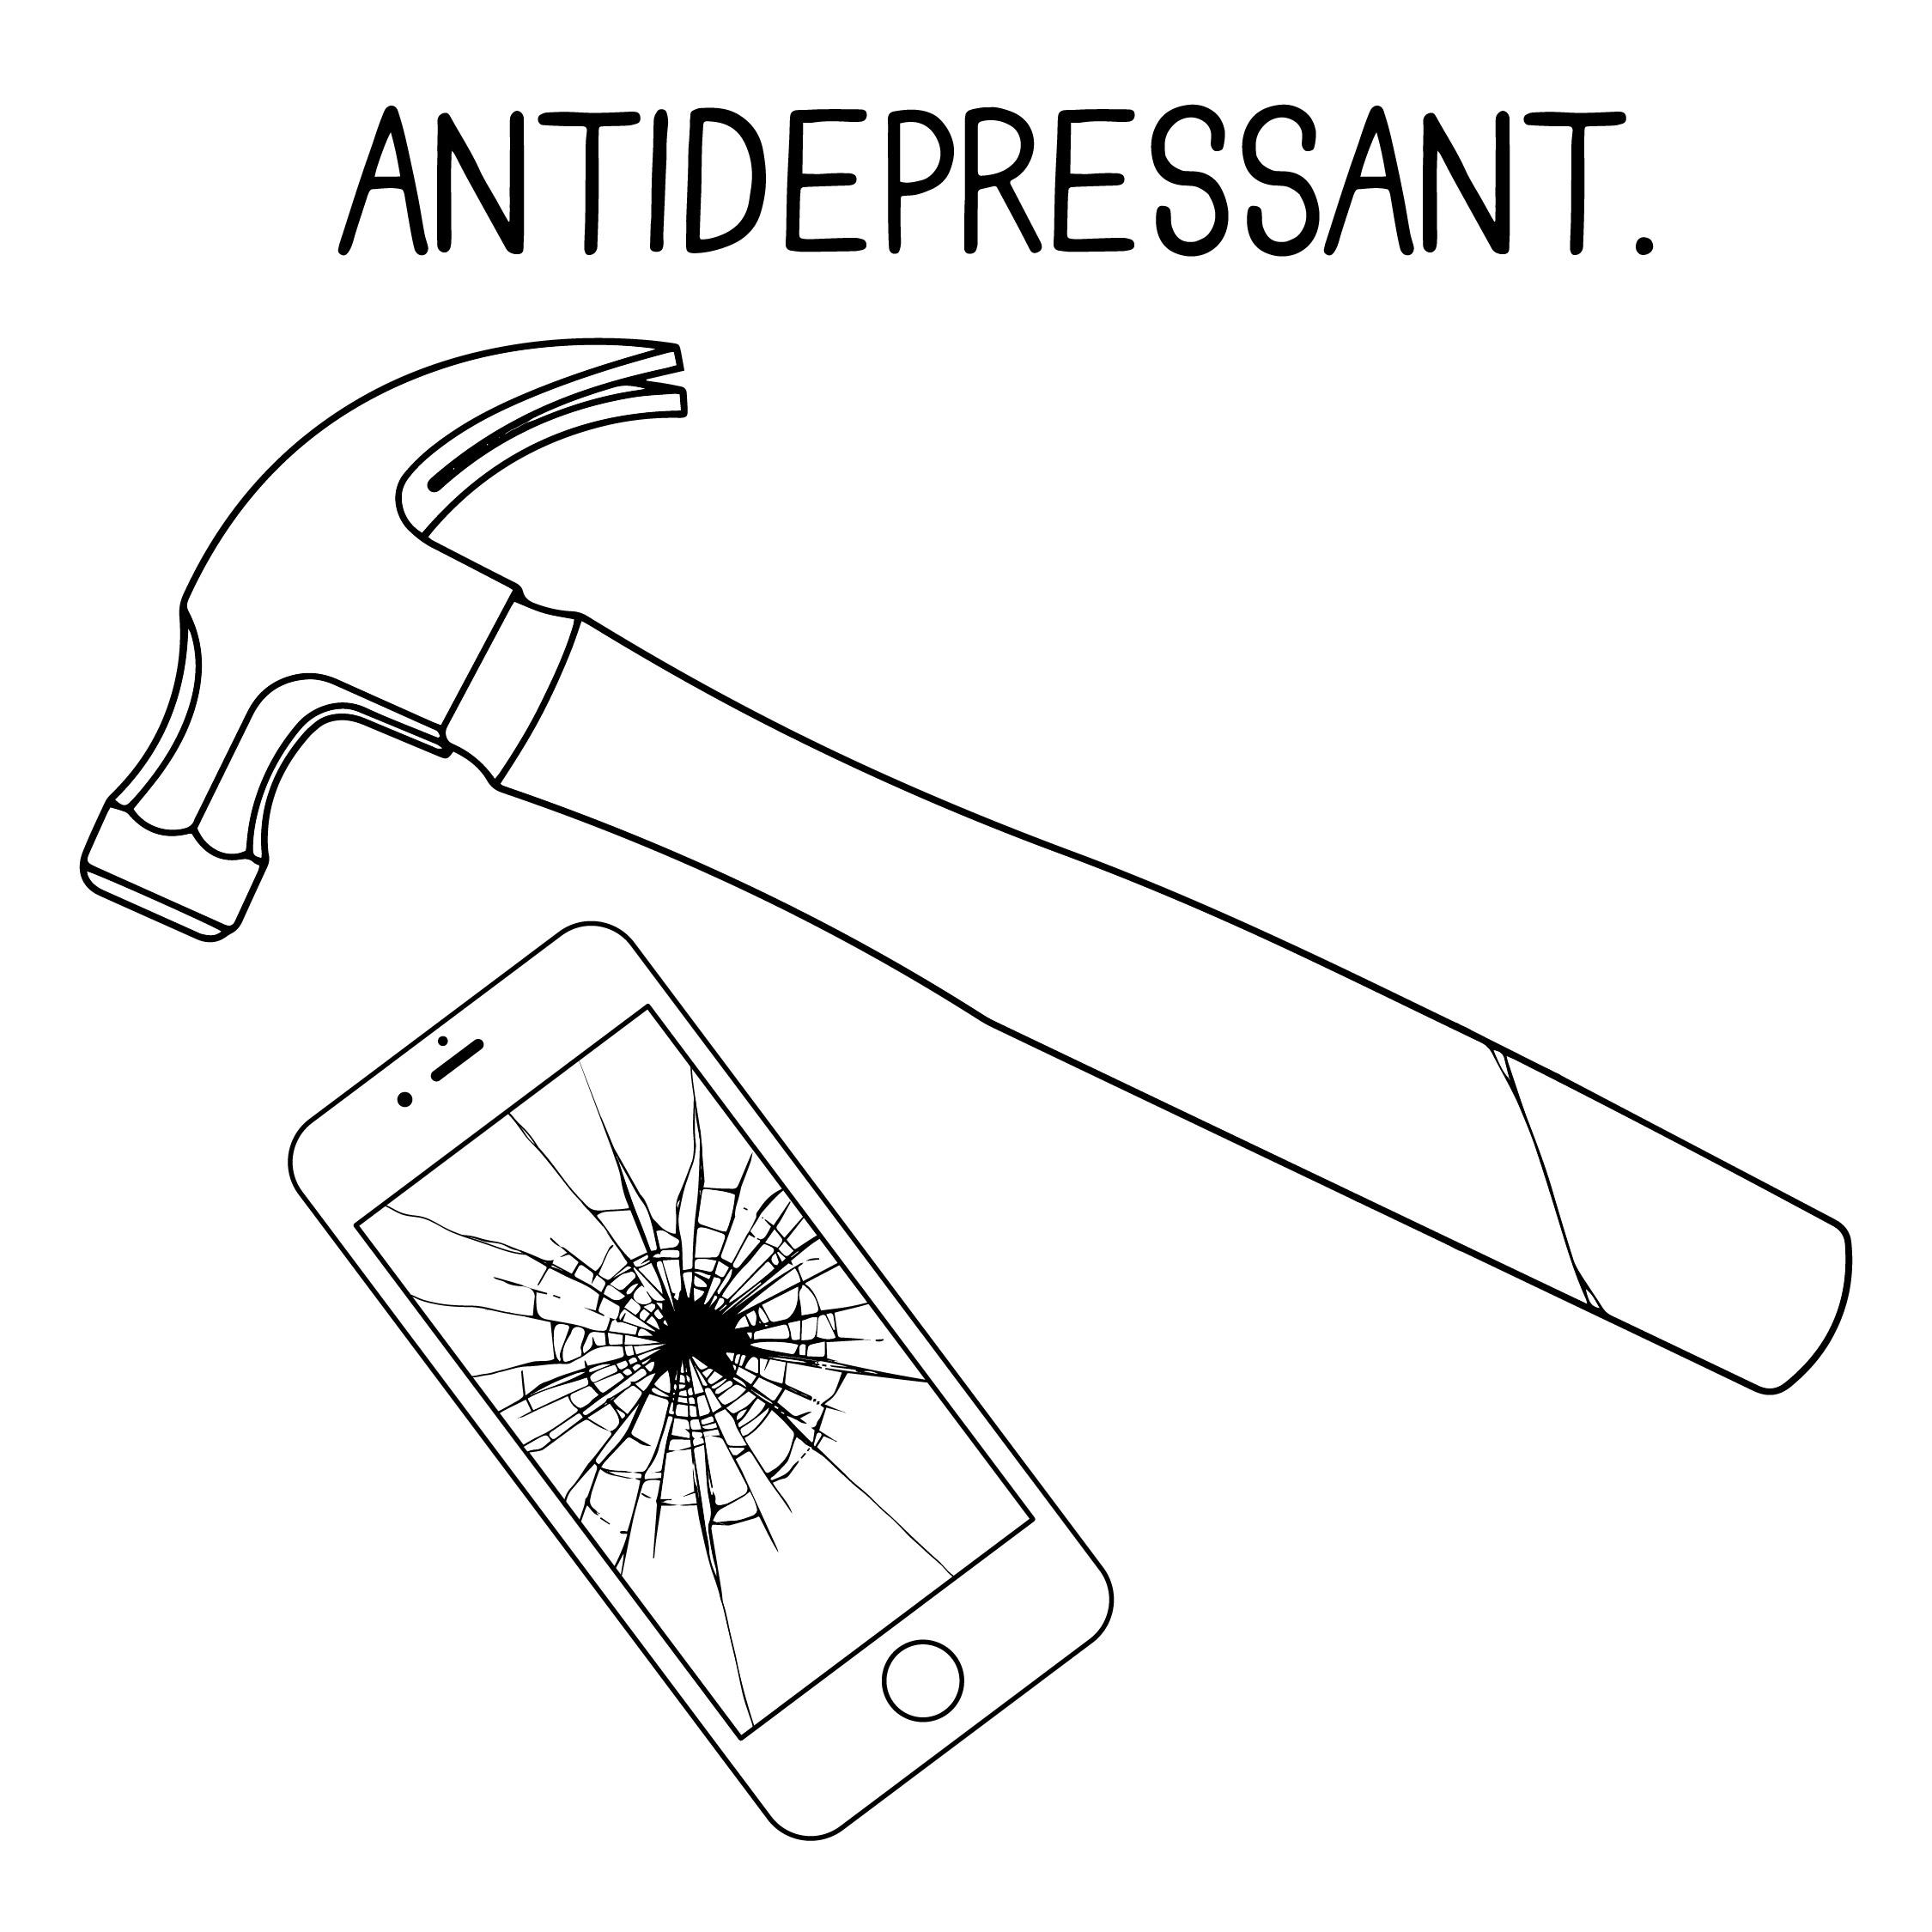 antidepressant-01.jpg